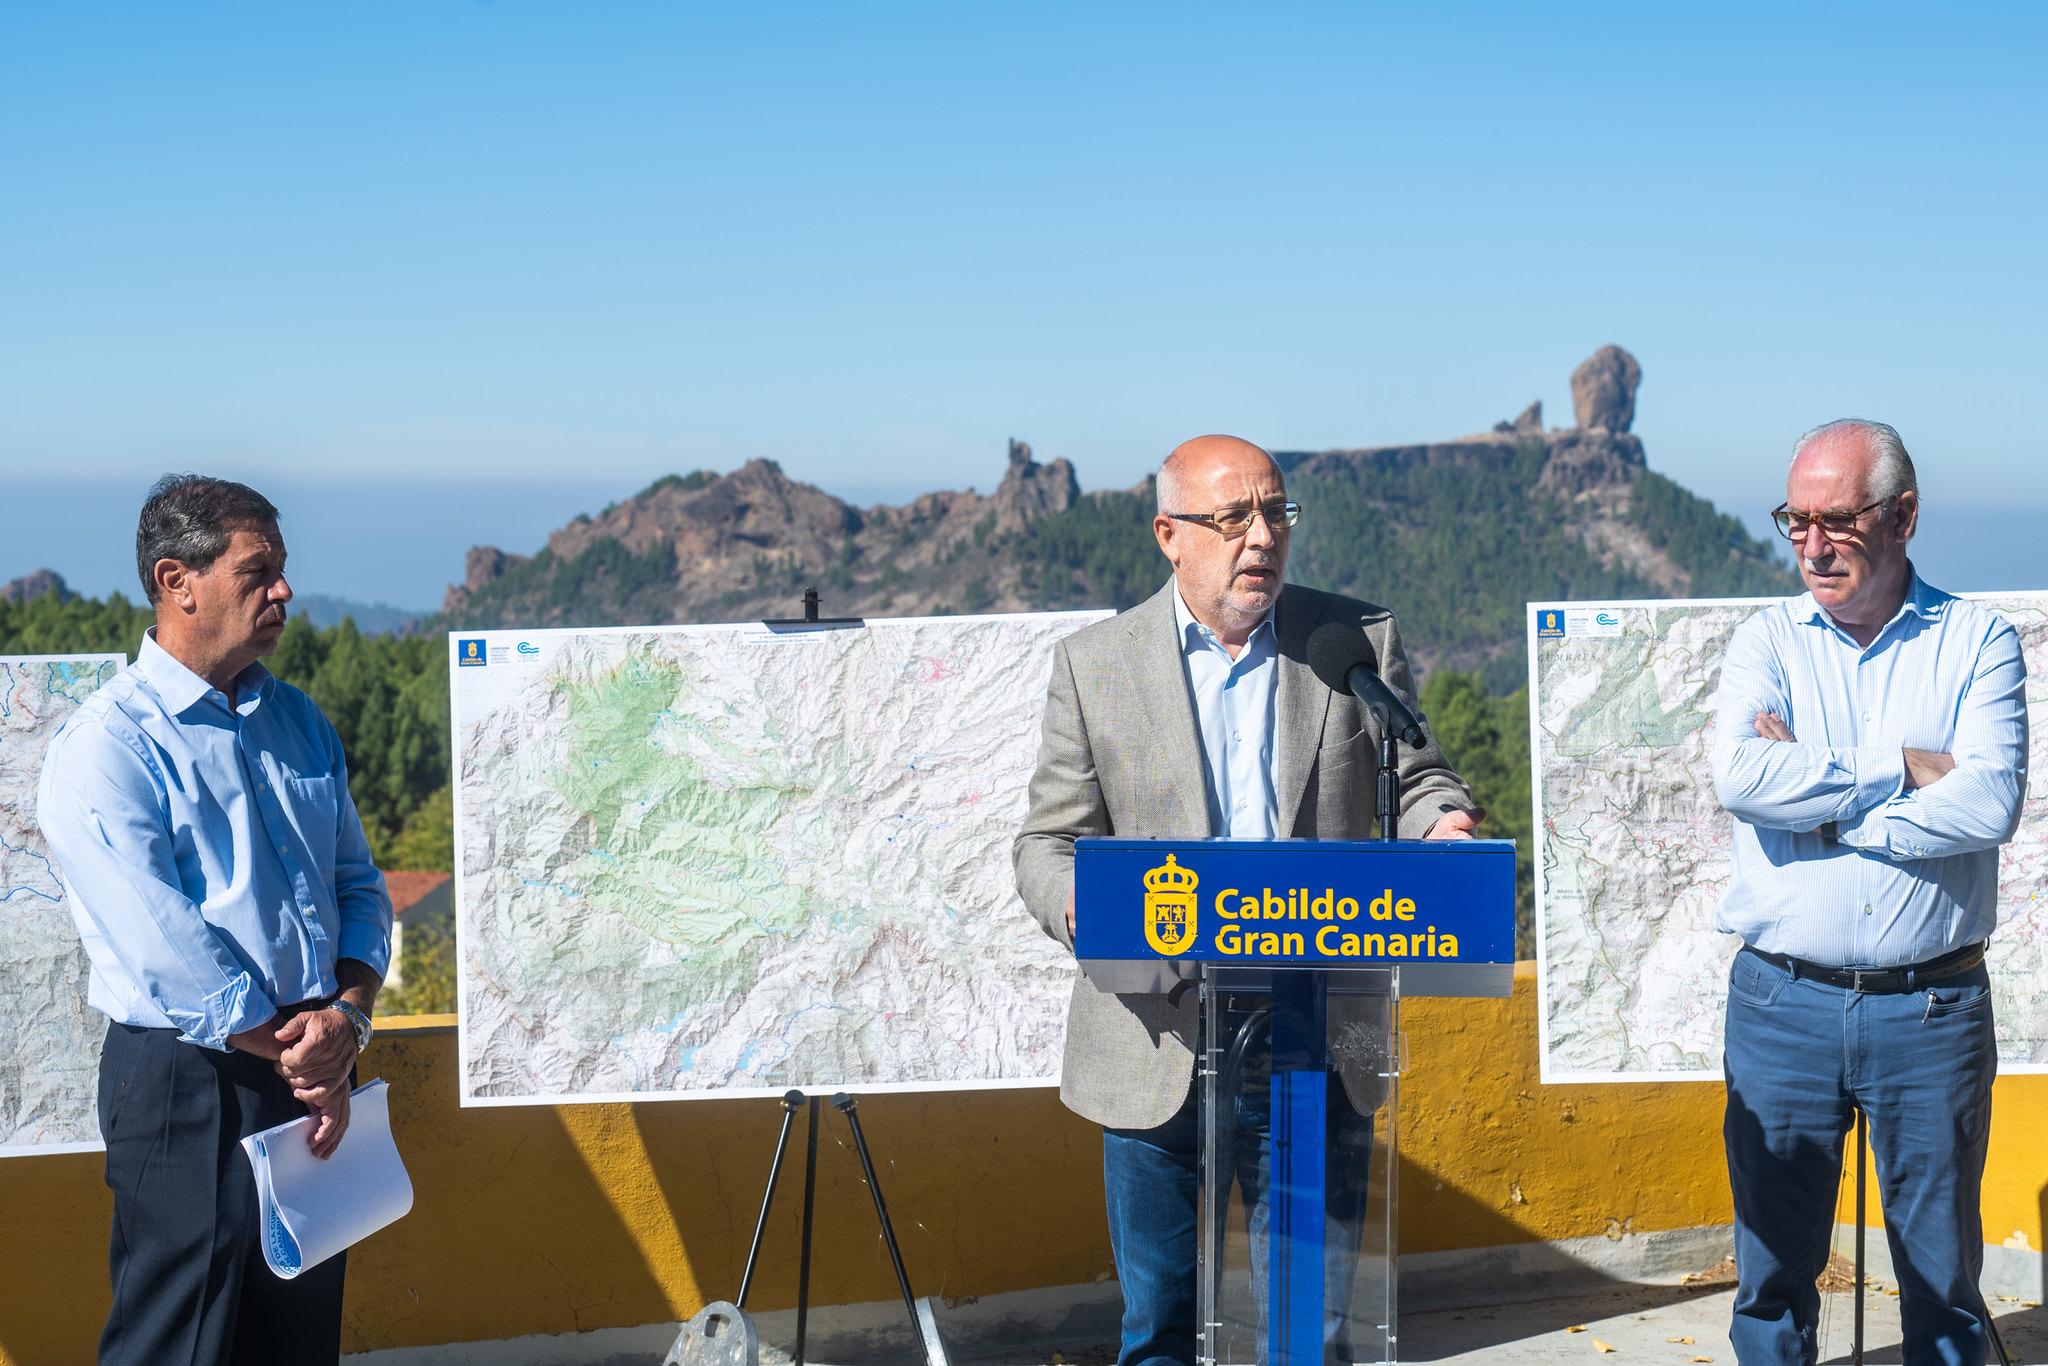 El Cabildo de Gran Canaria mejora infraestructuras y recursos hidráulicos de la isla / CanariasNoticias.es